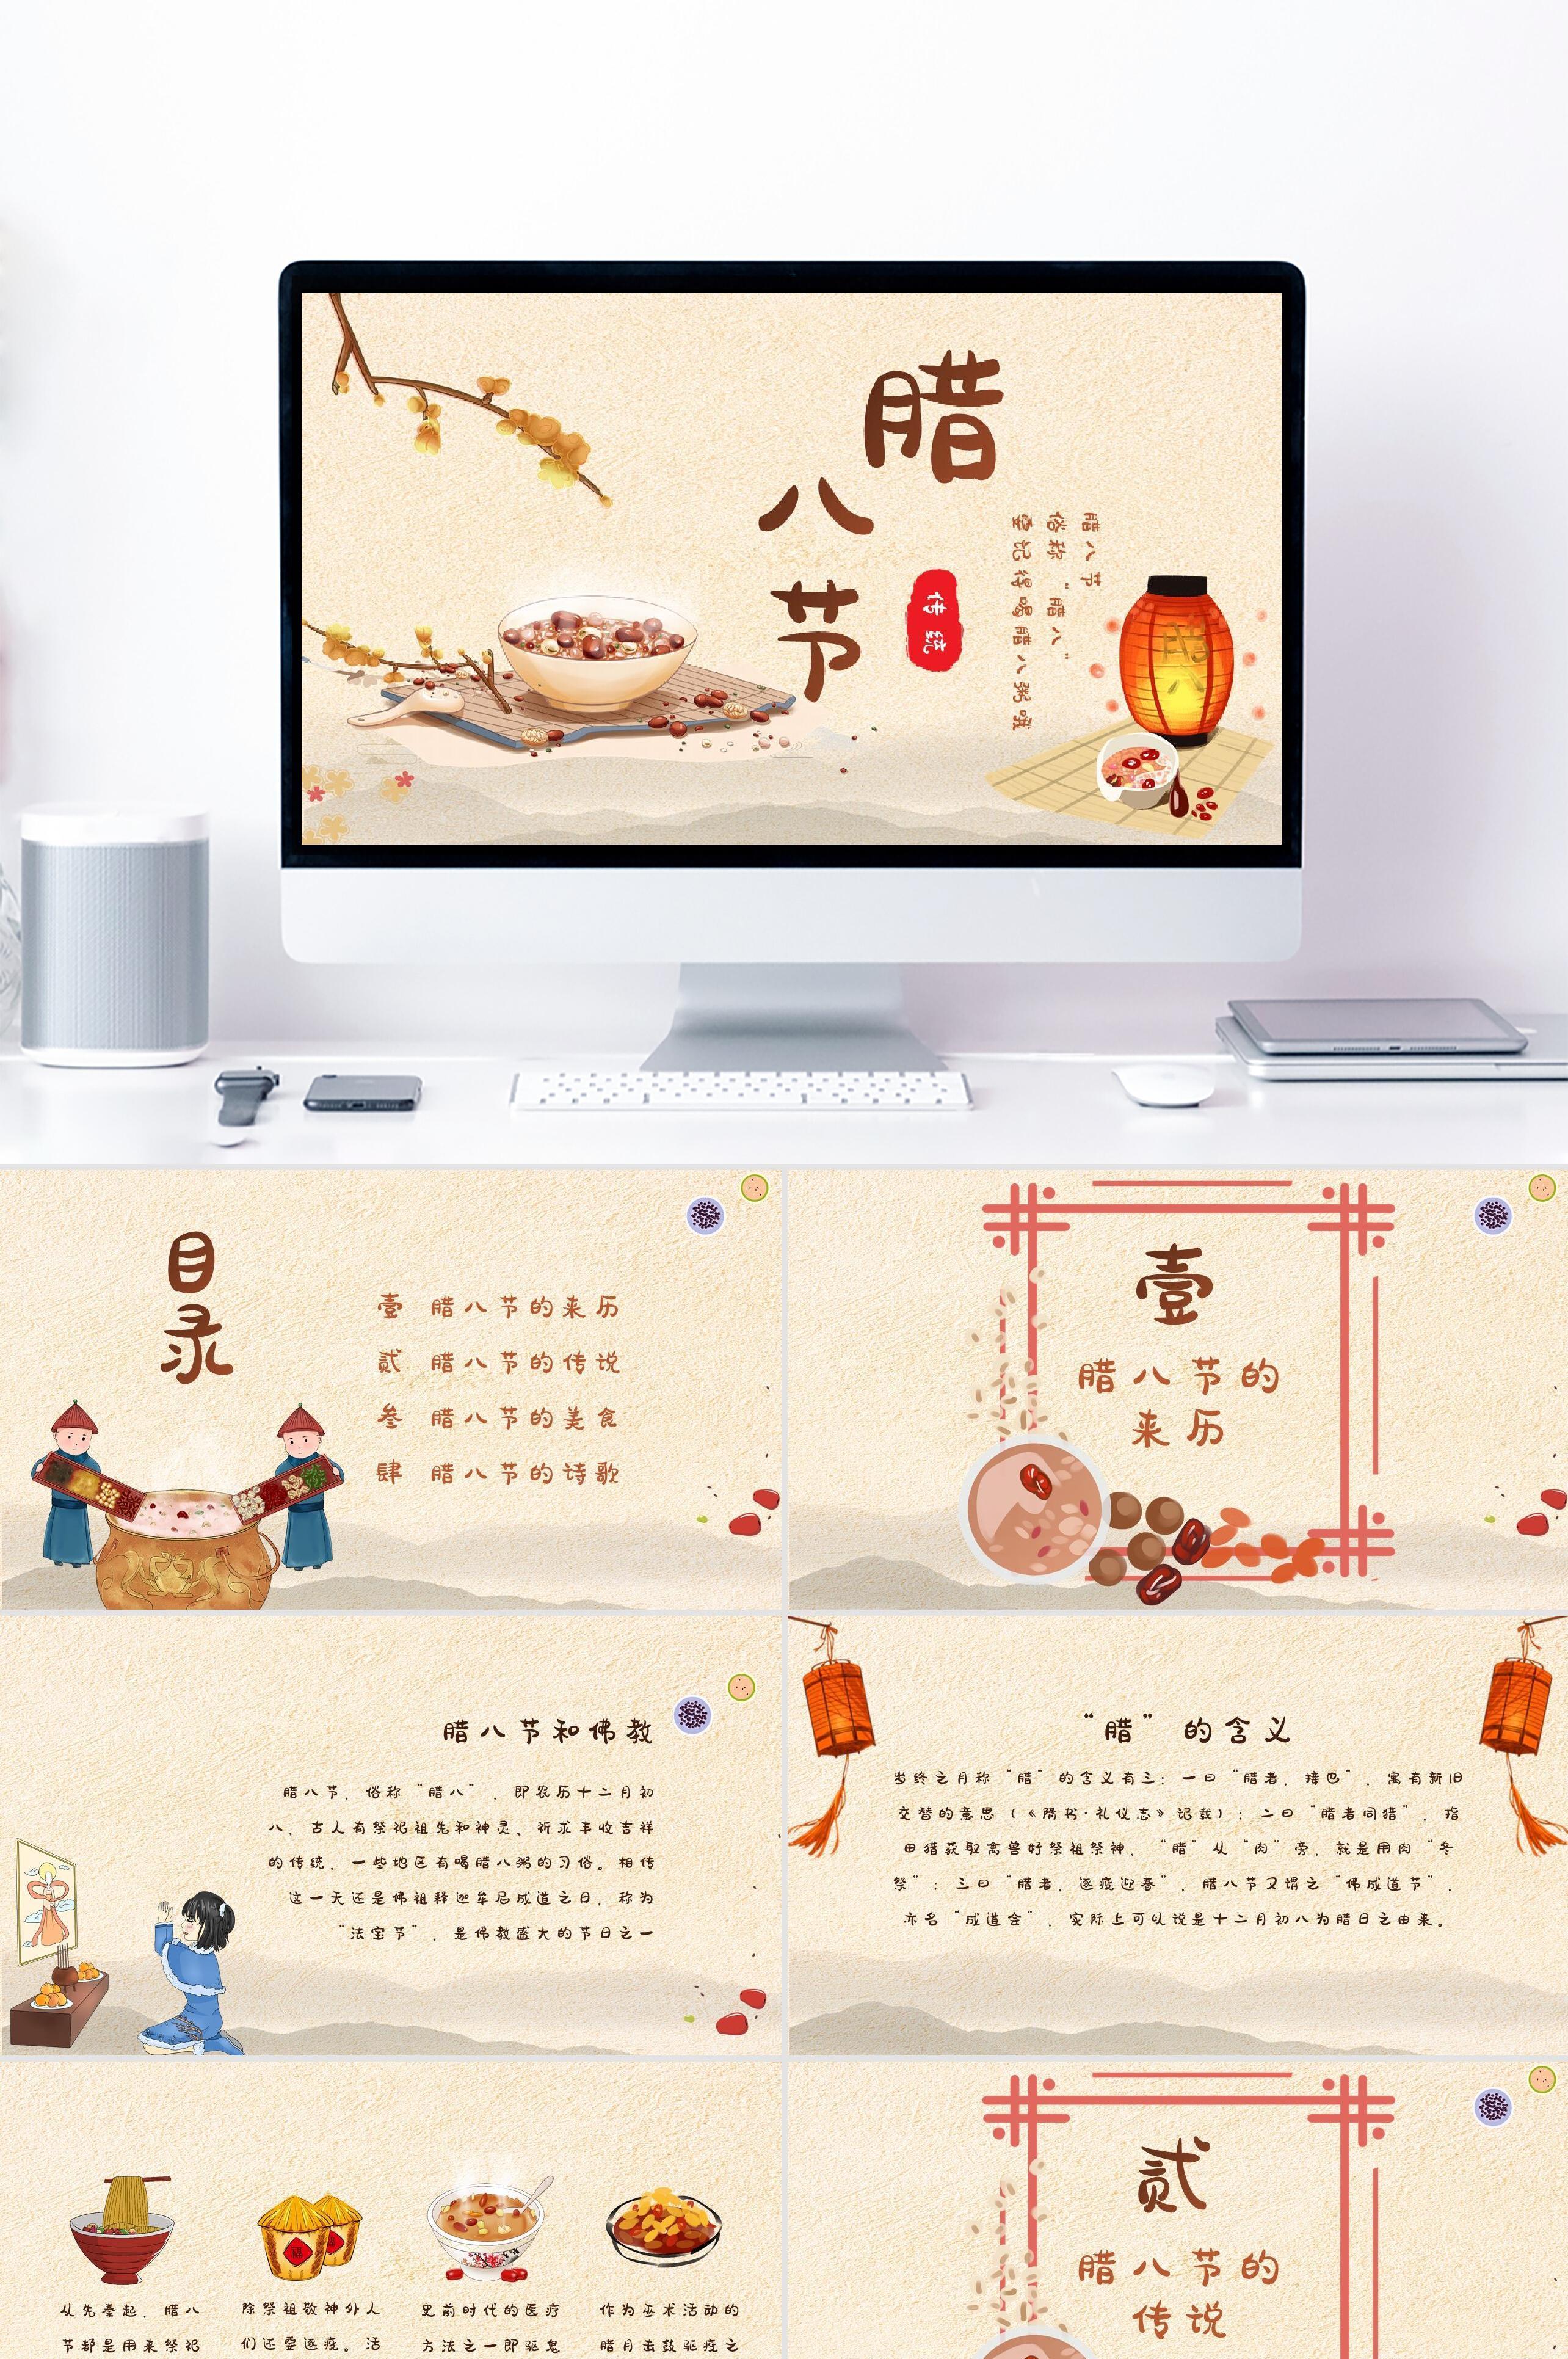 中国风腊八节日介绍PPT模板